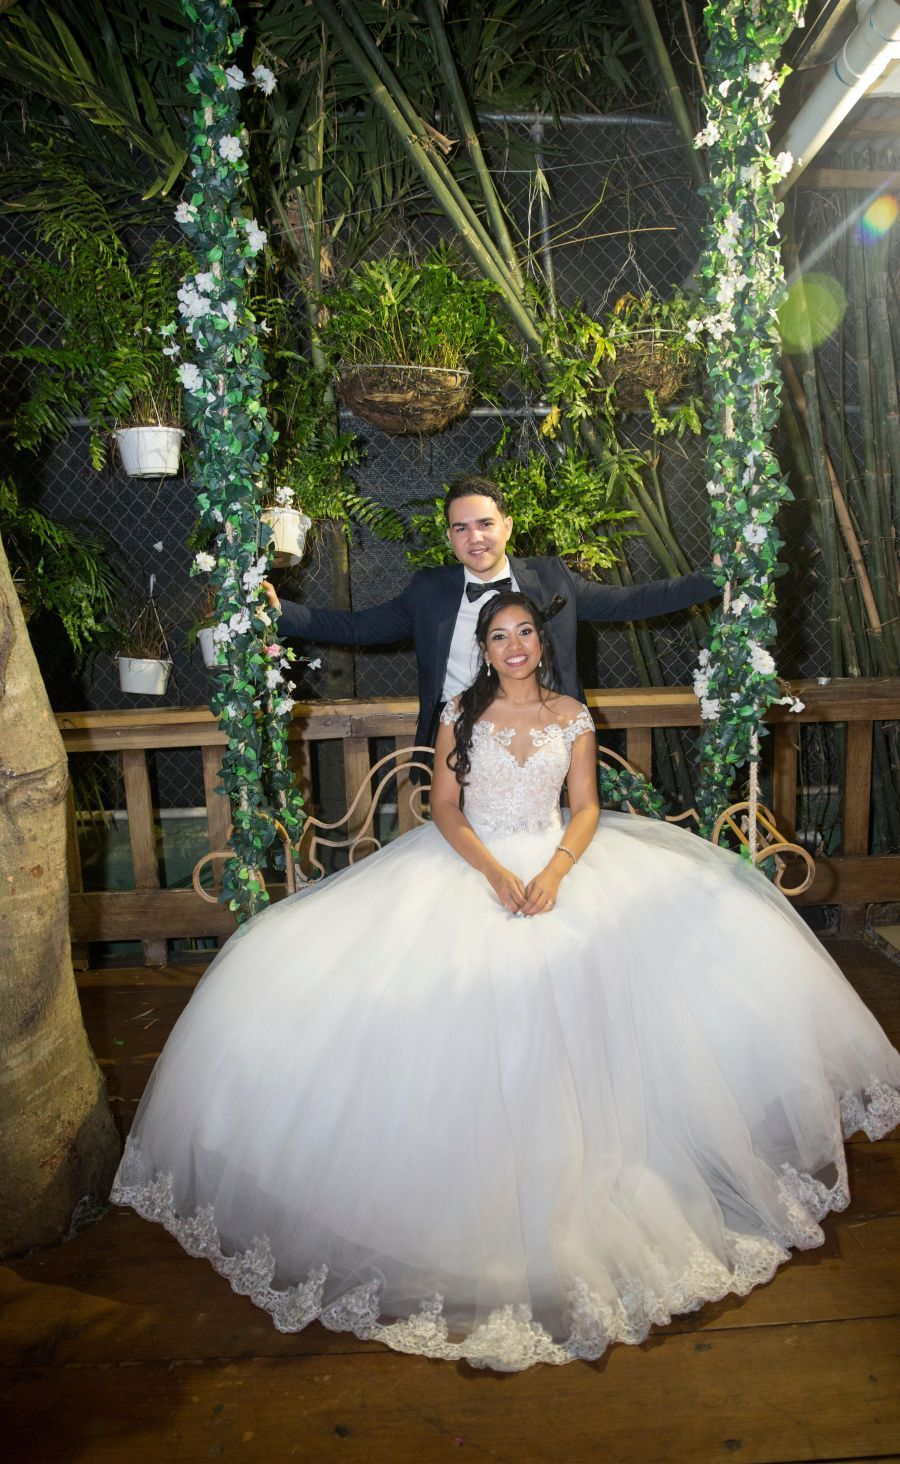 Tiendas de vestidos de novias en Santiago de los Caballeros República Dominicana - vigselstore